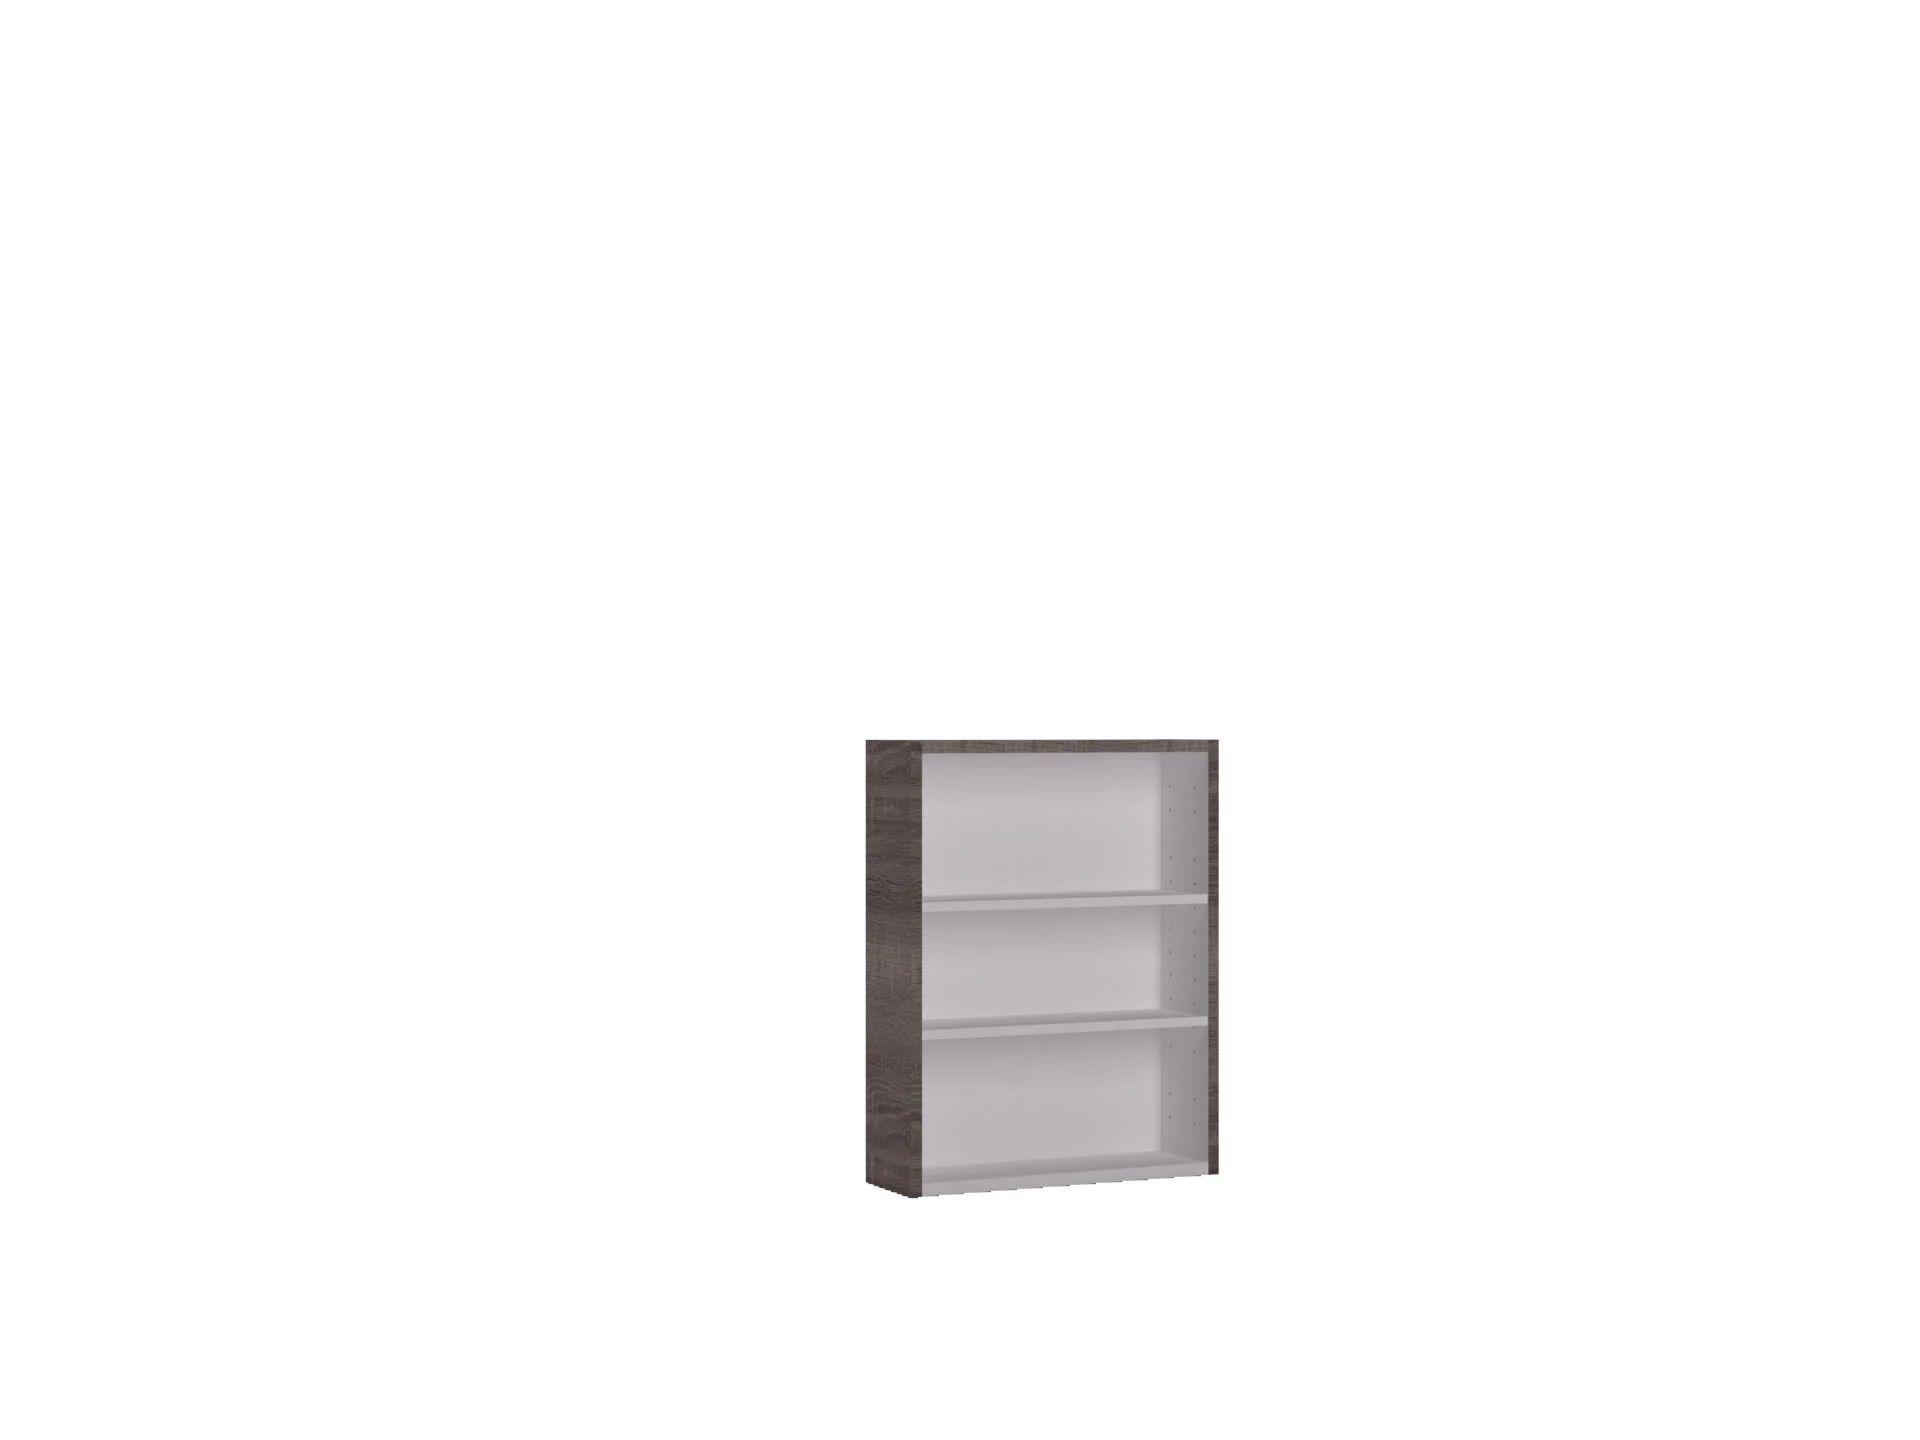 meuble bas l 45 x h 58 x p 20 cm effet chene havane remix